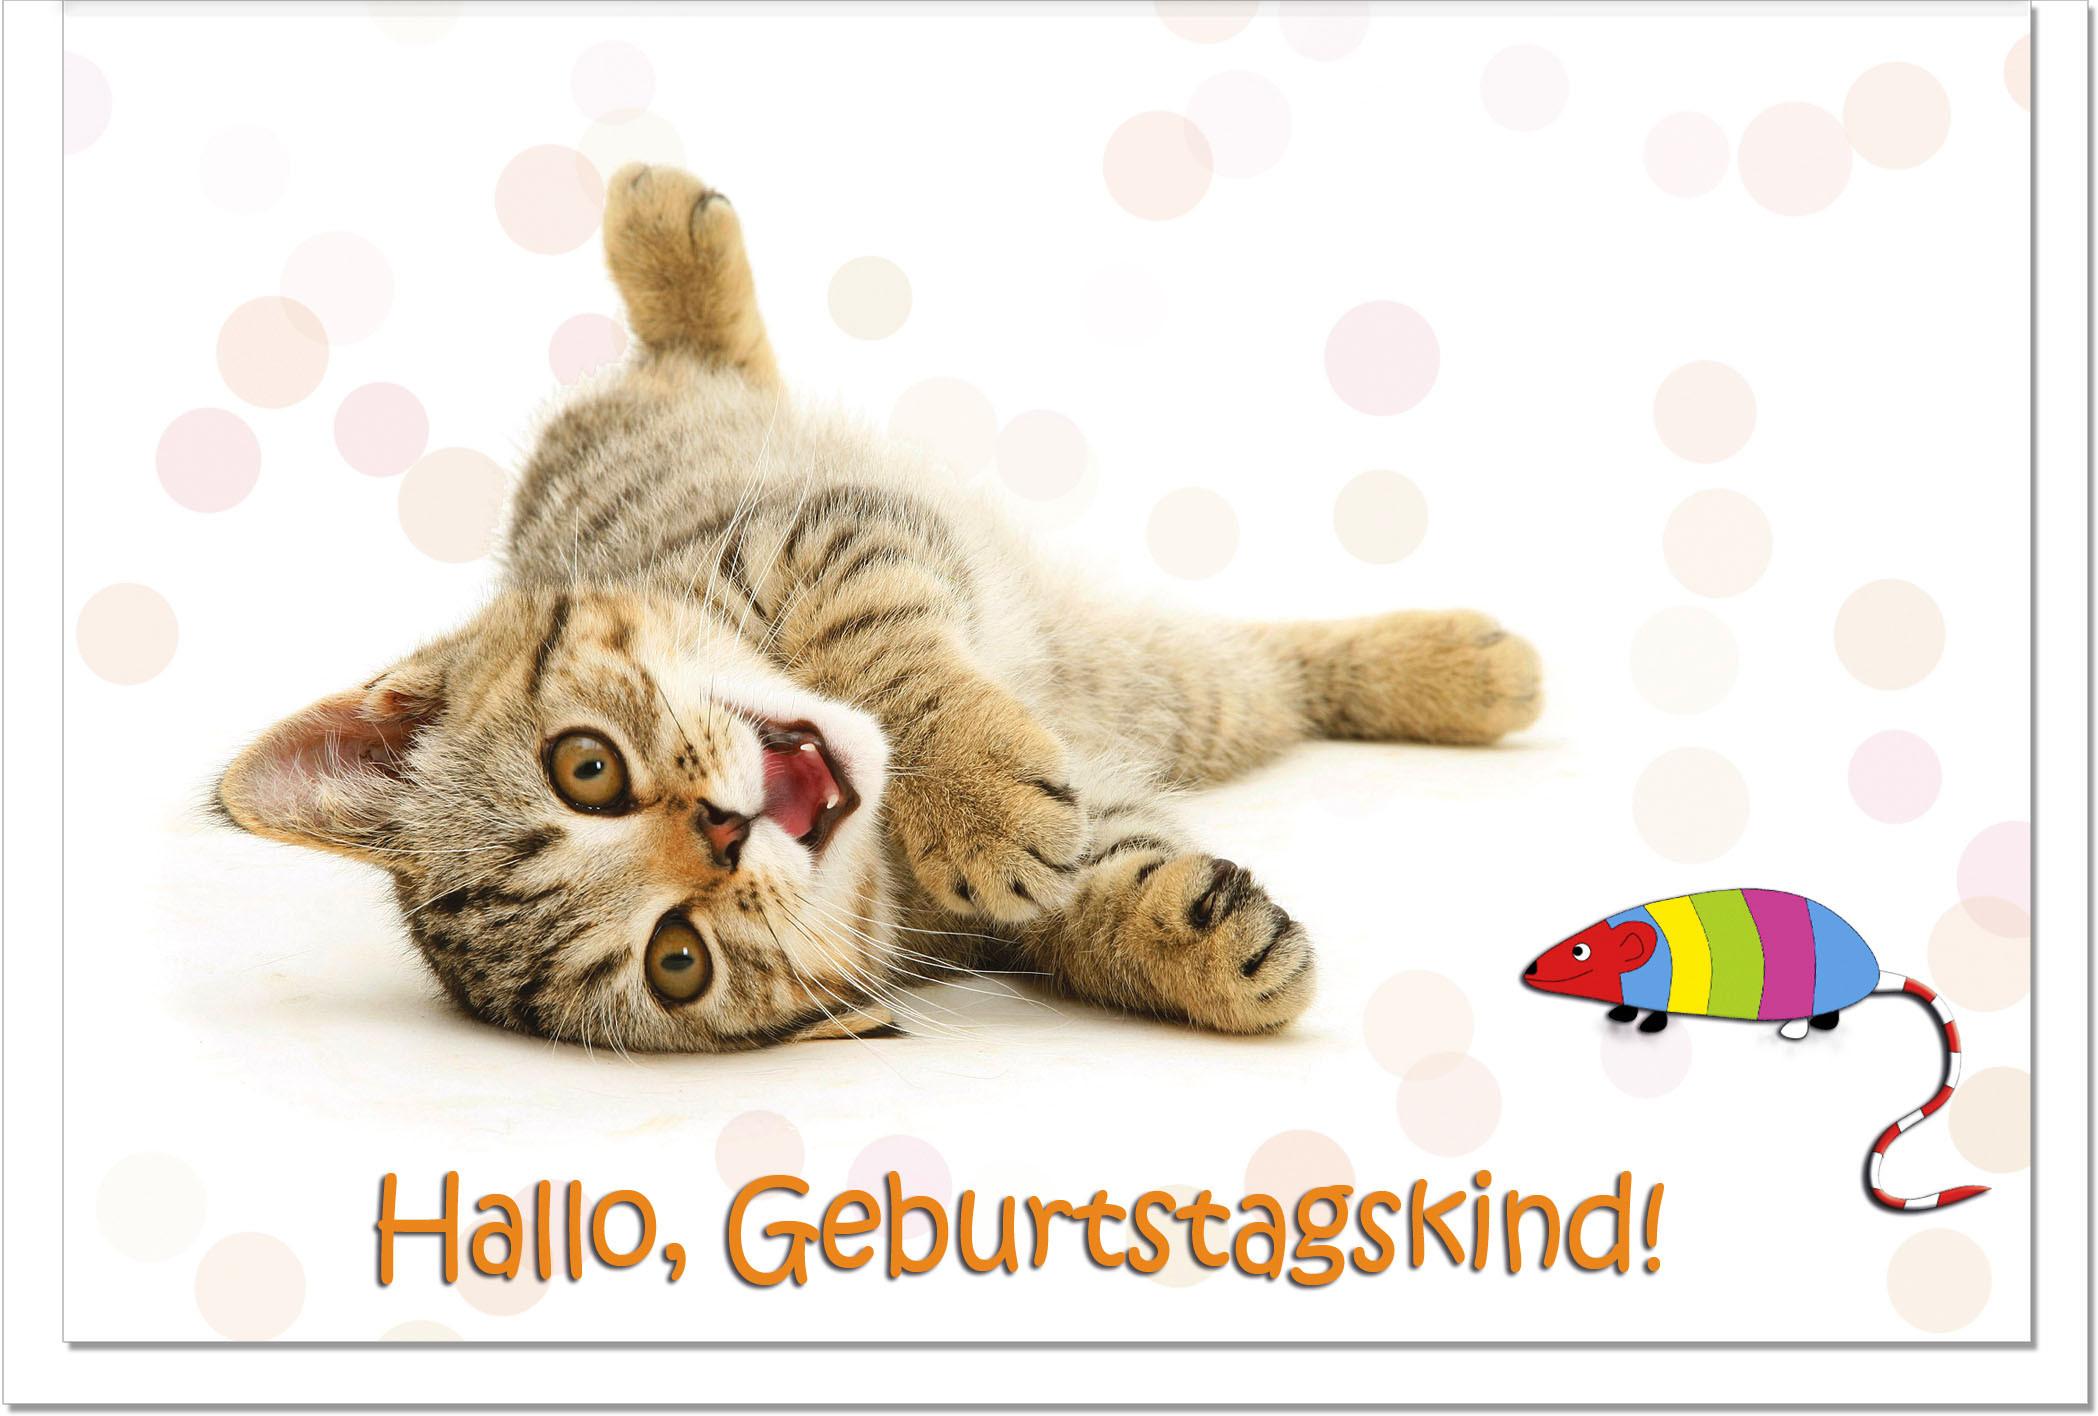 Geburtstagswünsche Katze  Geburtstagskarten Grußkarten Geburtstag Katze mit Maus